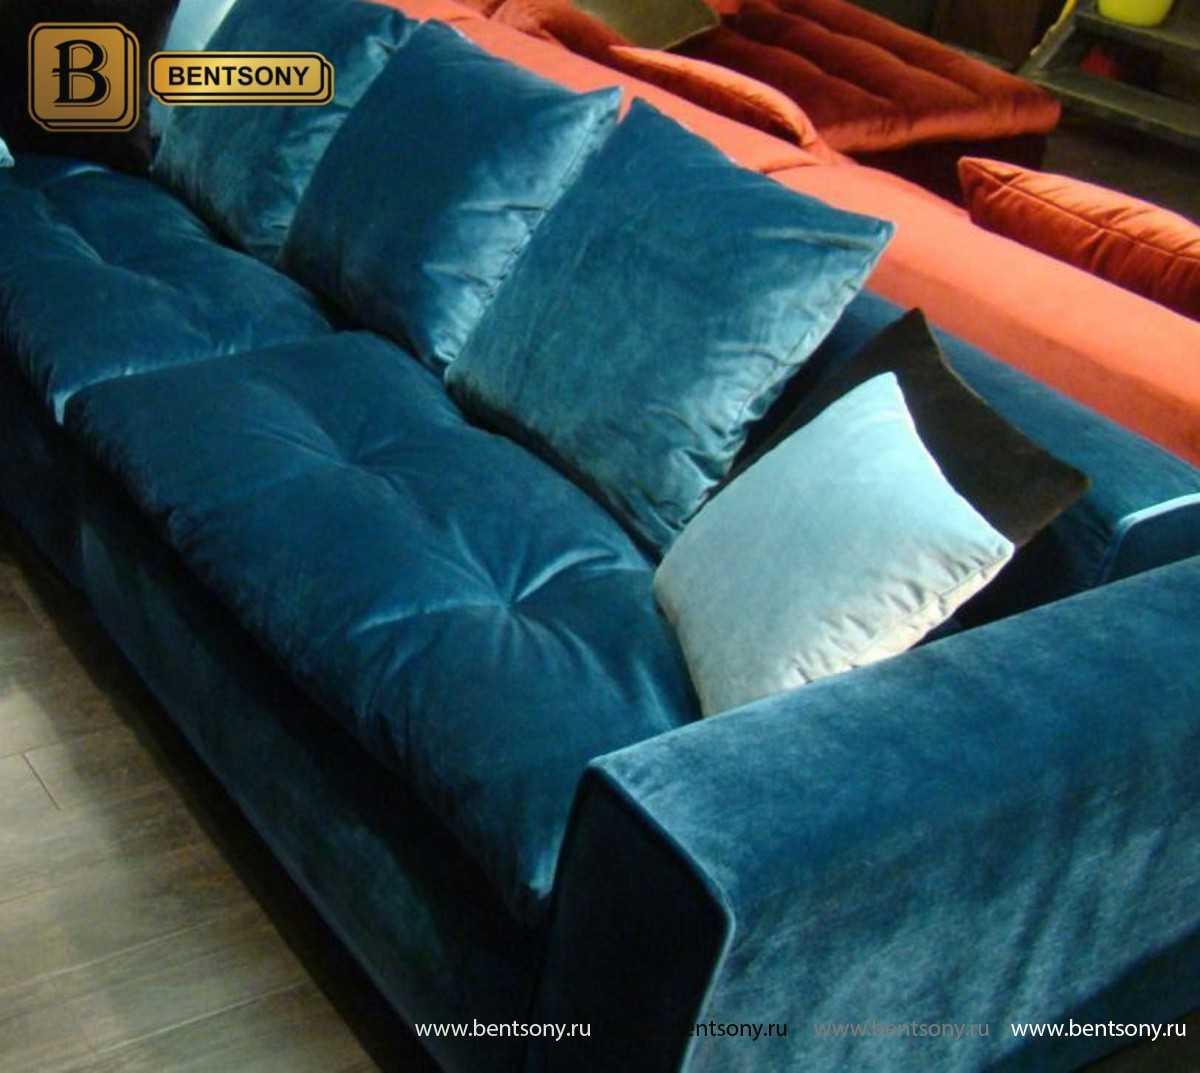 Мягкий прямой диван Бениамино цвет изумруд